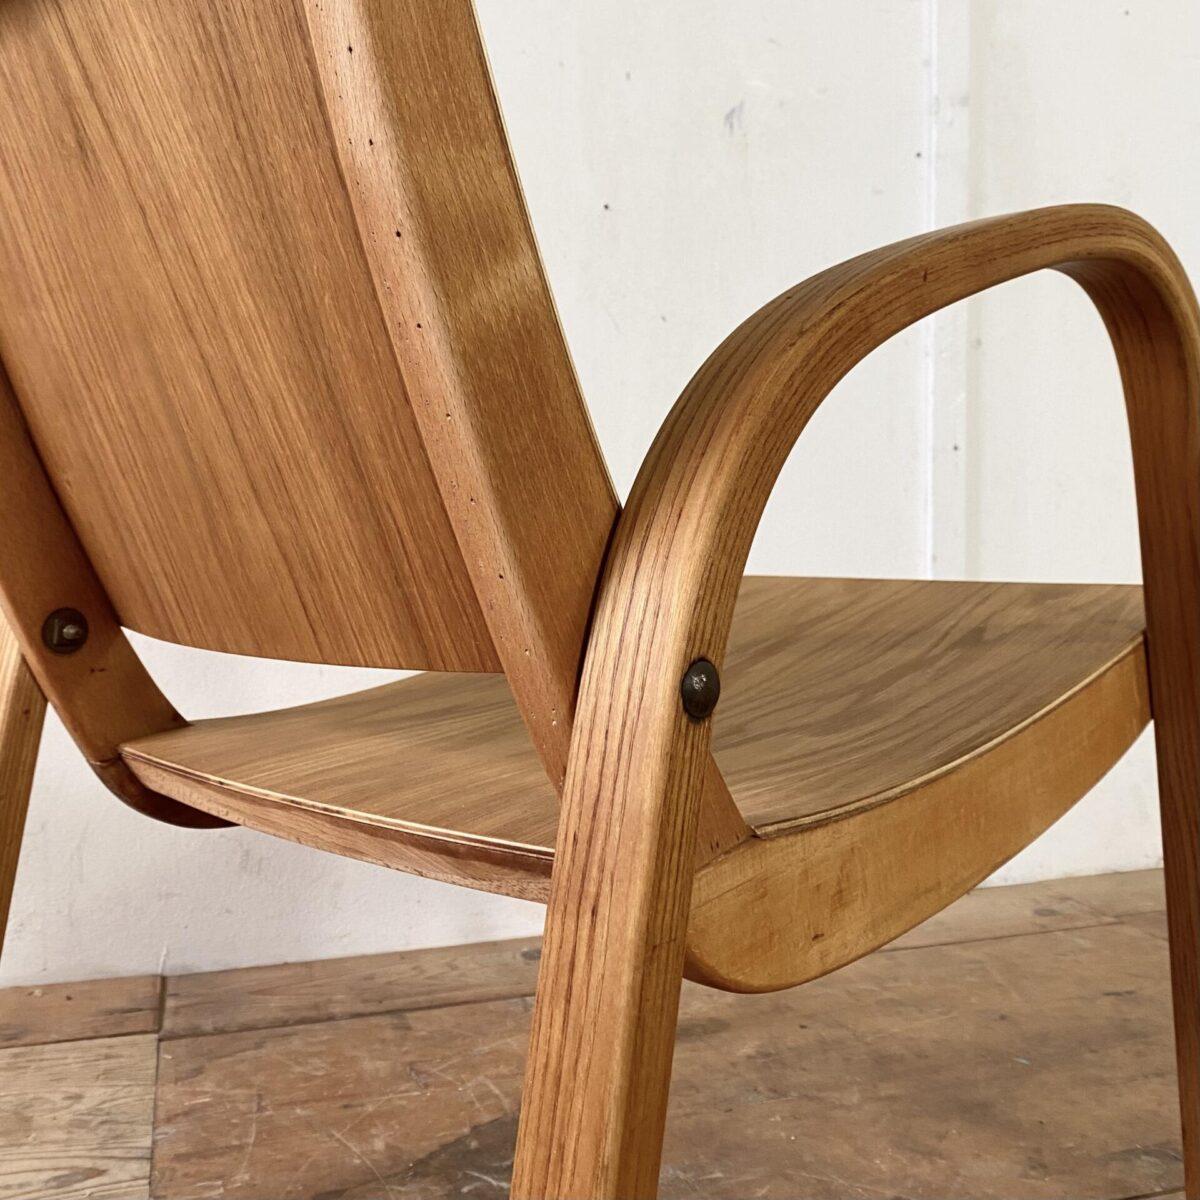 Deuxieme.shop Nicola Landert Sperrholz Sessel. Sessel mit Dampfgebogen Seitenteilen. Breite 54cm Tiefe 65cm Höhe 71cm Sitzhöhe 40cm. Dieser Sessel kam als verschlissener Polster Sessel zu uns, nach dem Auspacken haben wir das Gestell etwas in Form gebracht, und Sitzfläche und Lehne mit Eichen Sperrholz belegt. Die gebogenen Beine, inklusive Armlehnen, sind aus Esche Vollholz. Der Rest ist aus Buchenholz. Der Sessel kommt mit diversen kleinen Löchern und Alterspatina daher.